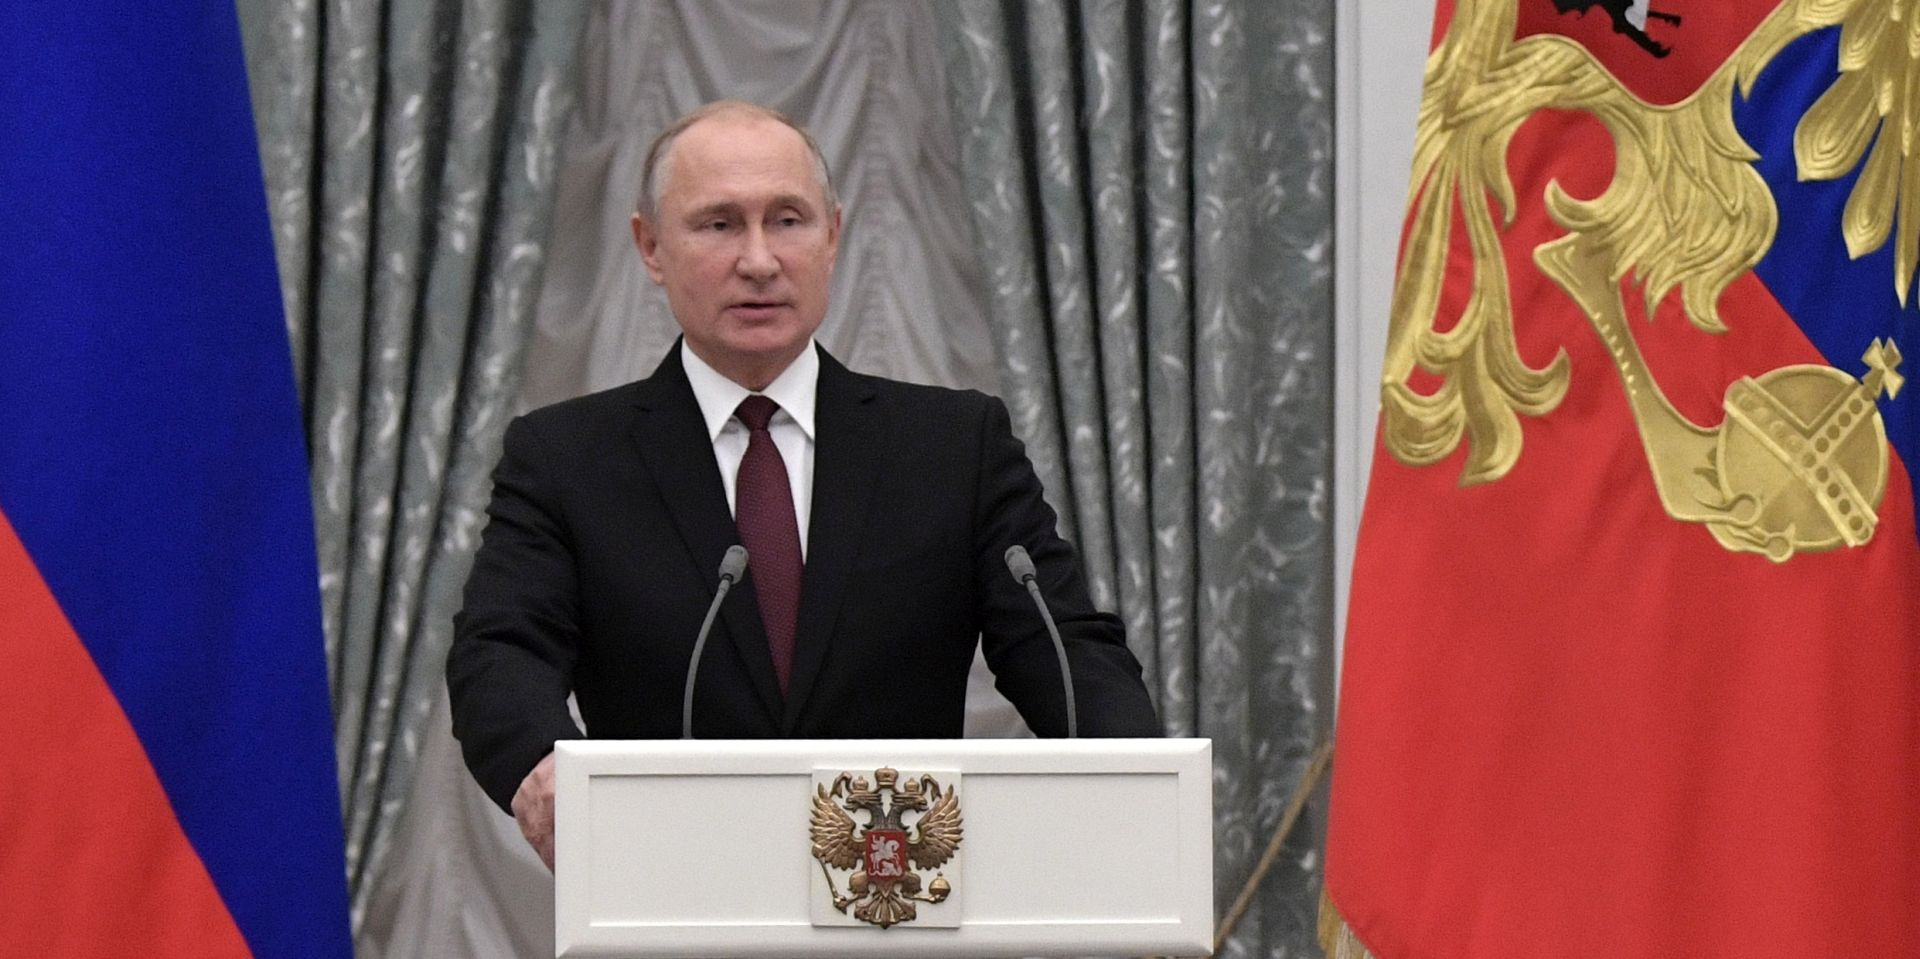 FELJTON Političke likvidacije u Putinovo doba